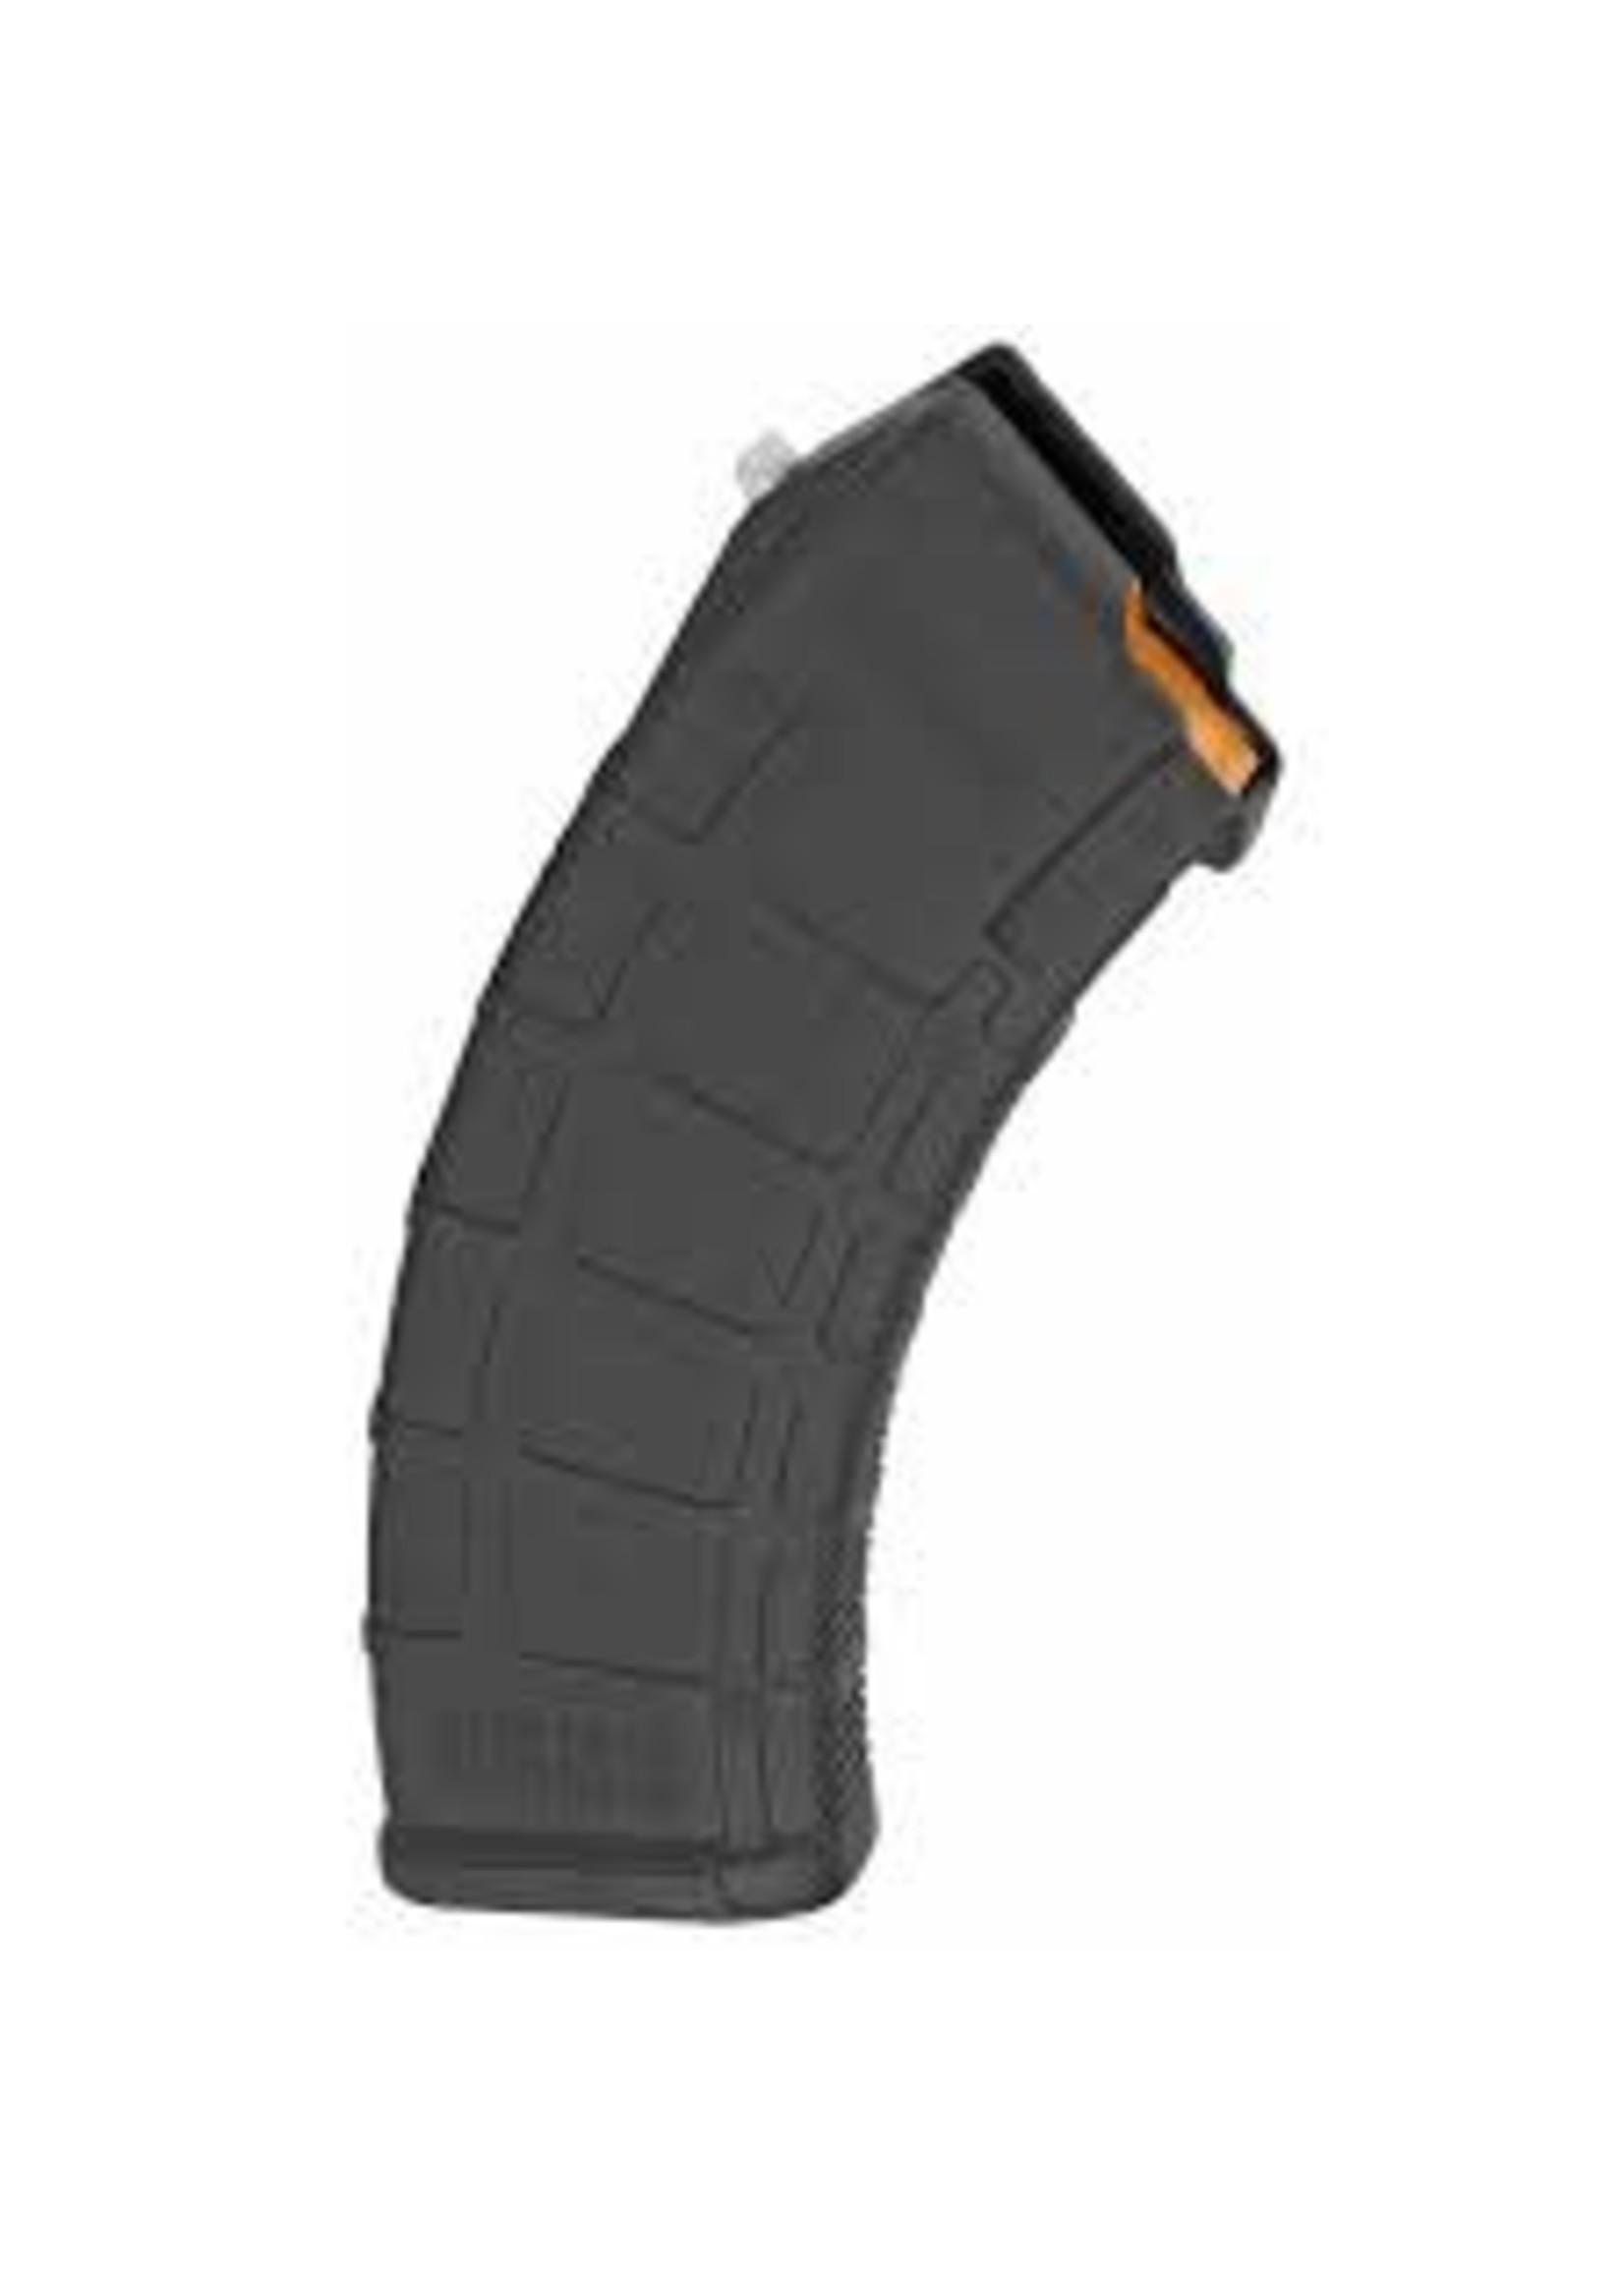 MAGPUL MAGPUL PMAG AK M3 7.62X39 30RD BLK